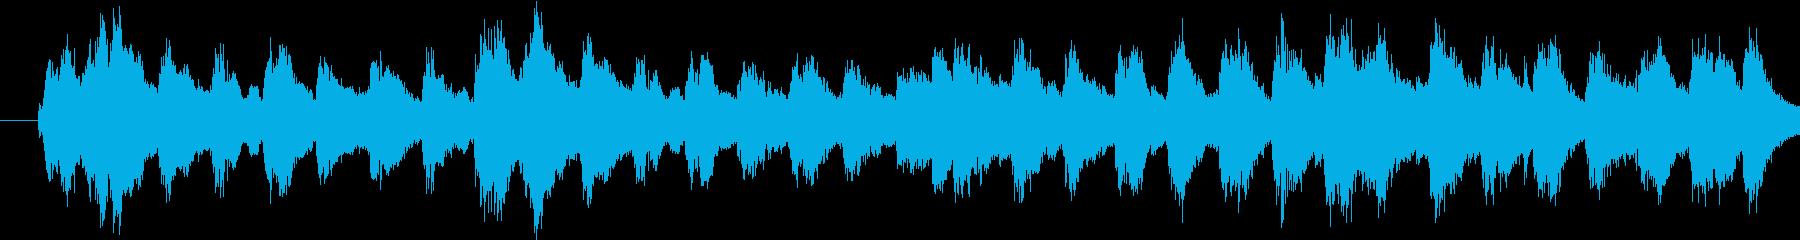 迫力ある響きでファンタジーなメロディーの再生済みの波形